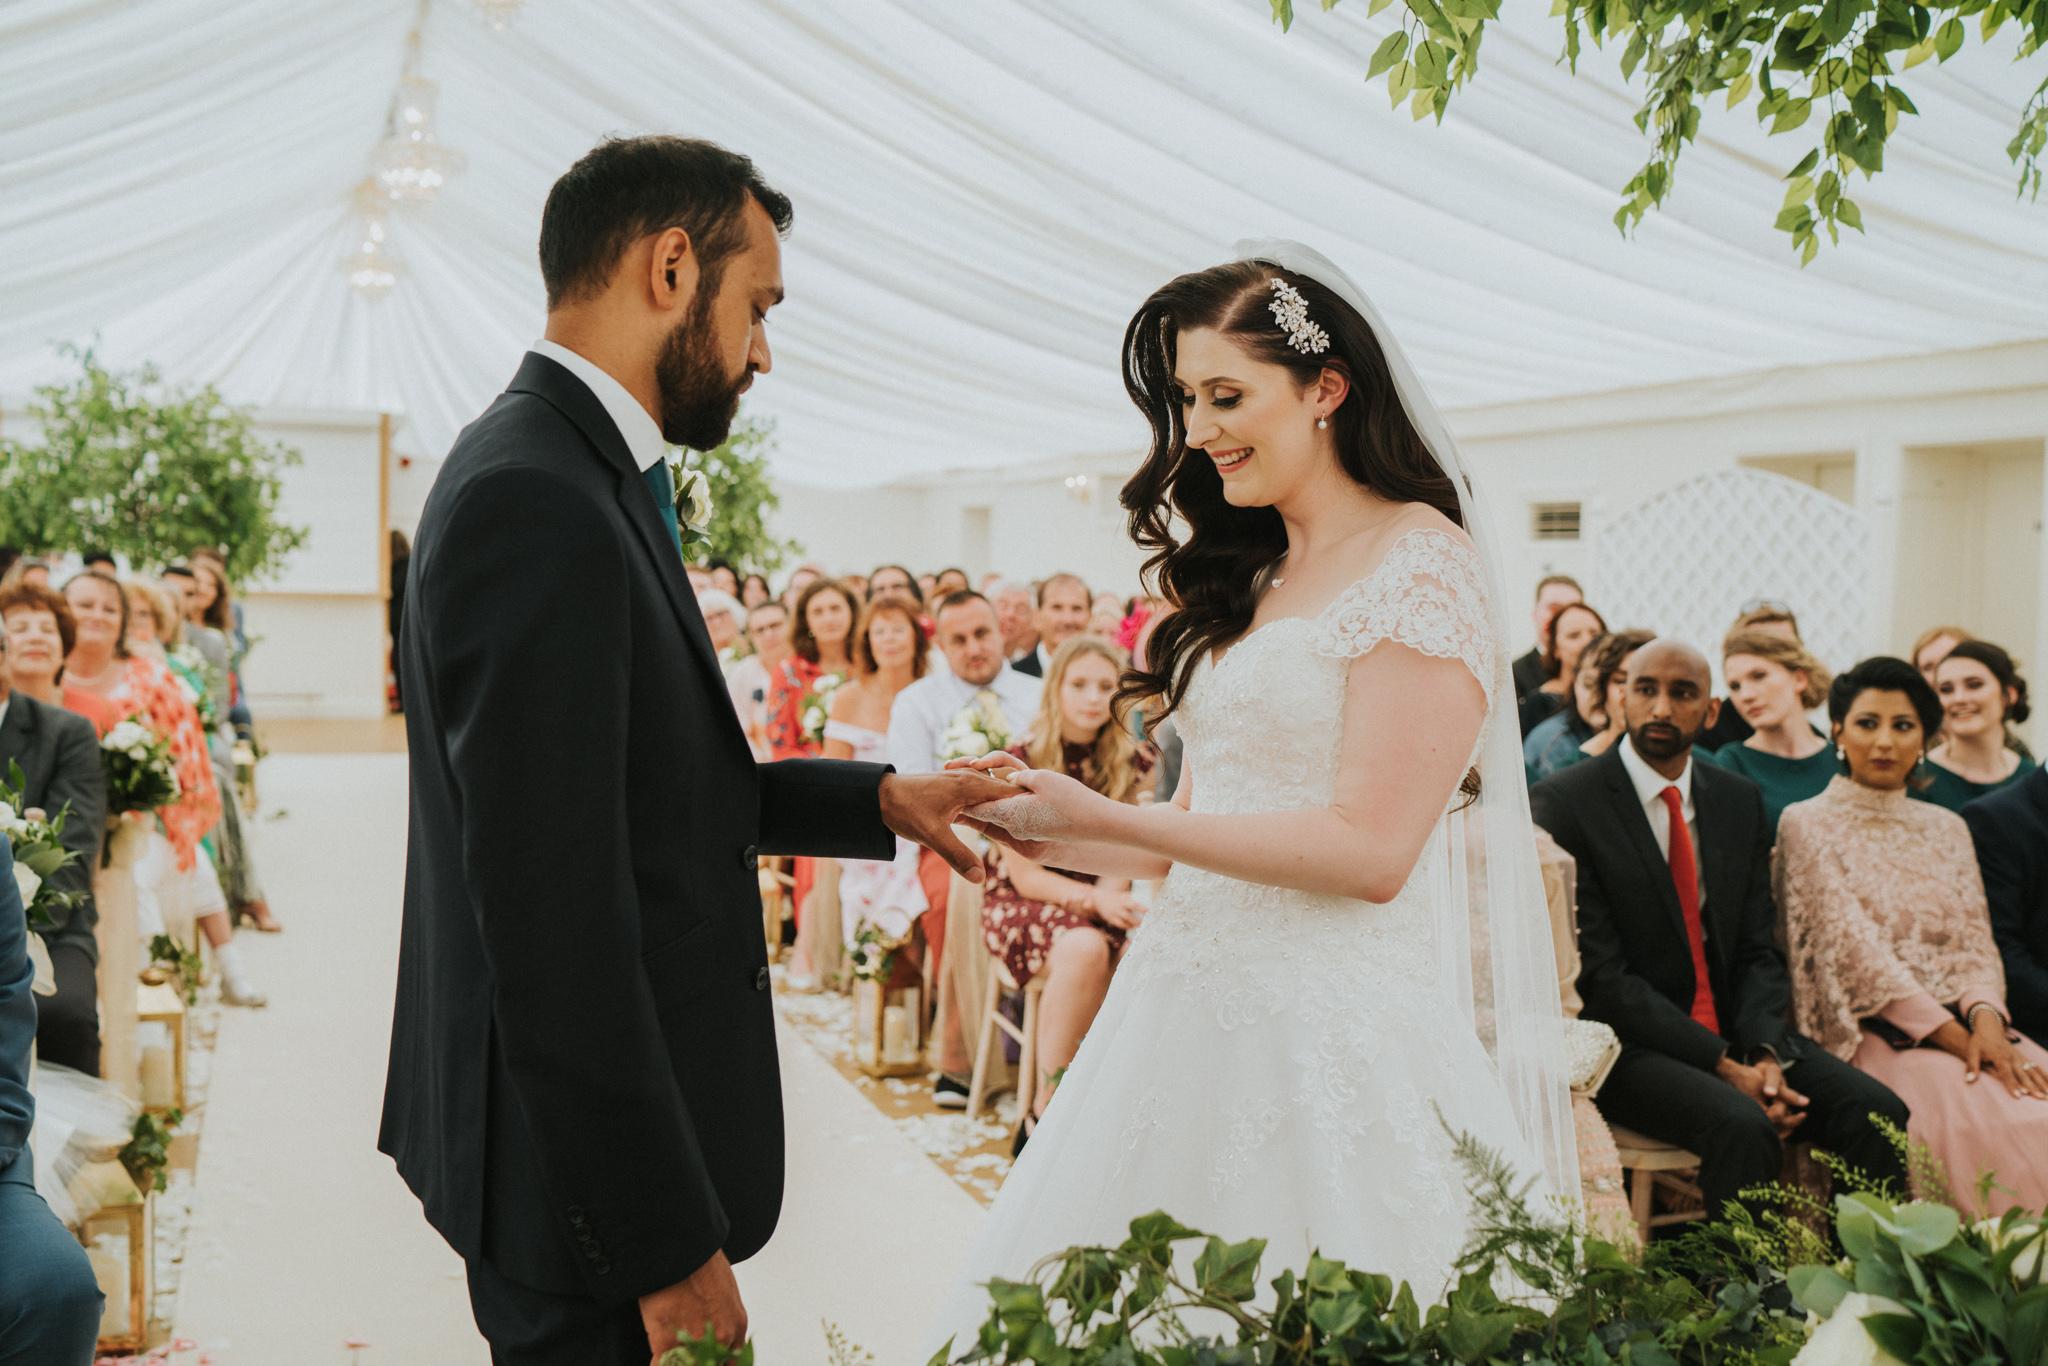 lizzie-faz-fennes-asian-fusion-wedding-grace-elizabeth-colchester-essex-alternative-wedding-lifestyle-photographer-essex-suffolk-norfolk-devon (26 of 55).jpg